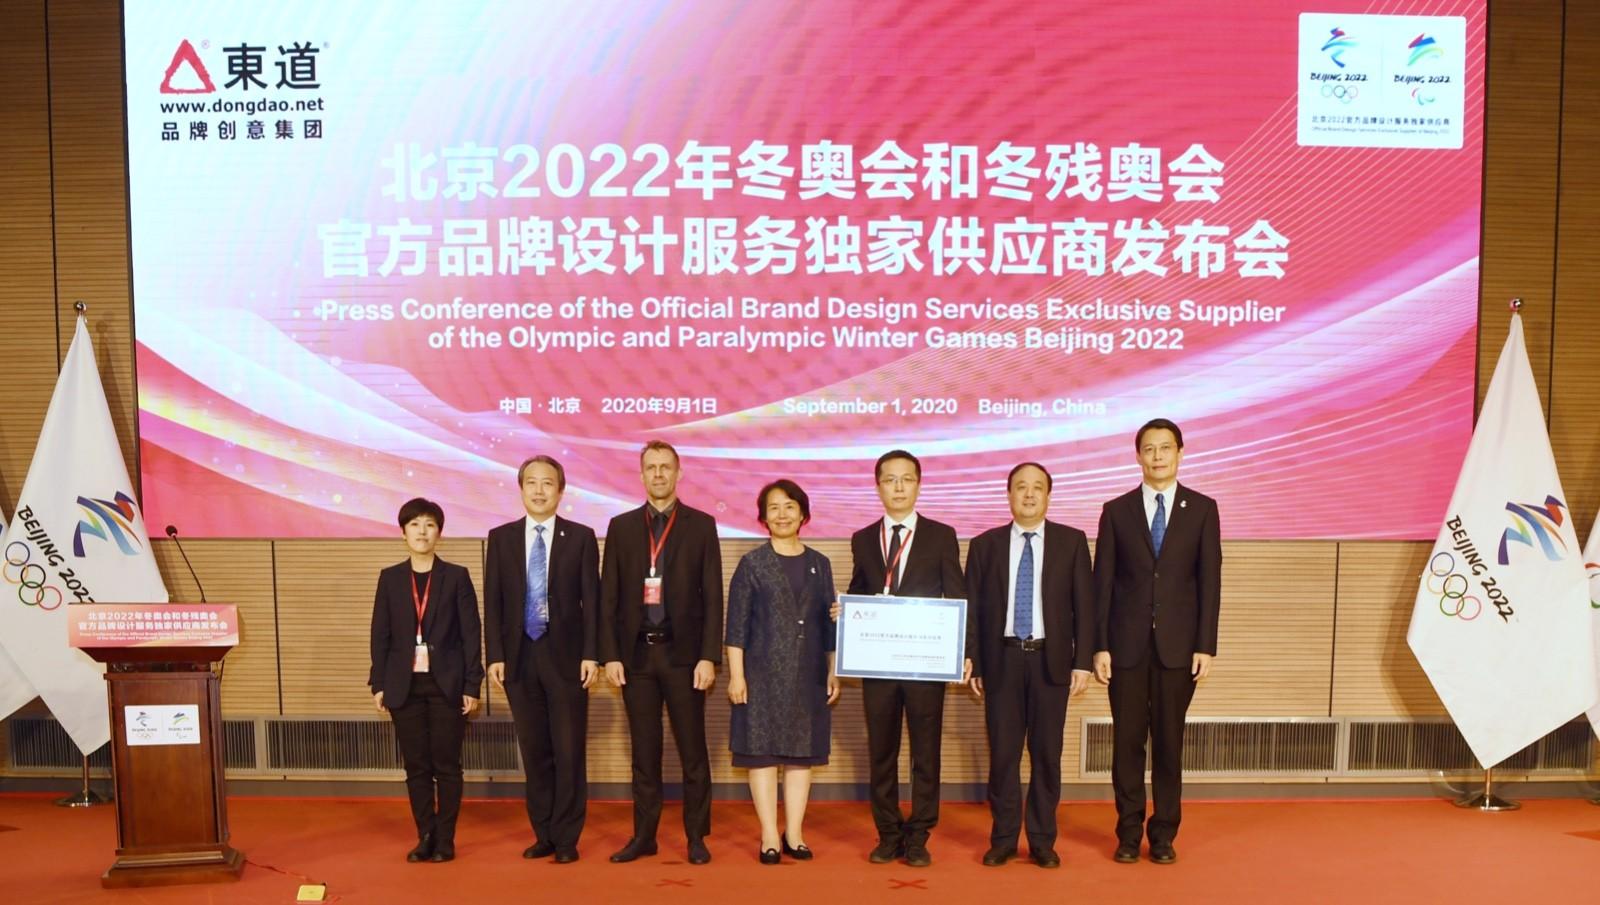 东道成为北京2022年冬奥会官方品牌设计服务独家供应商